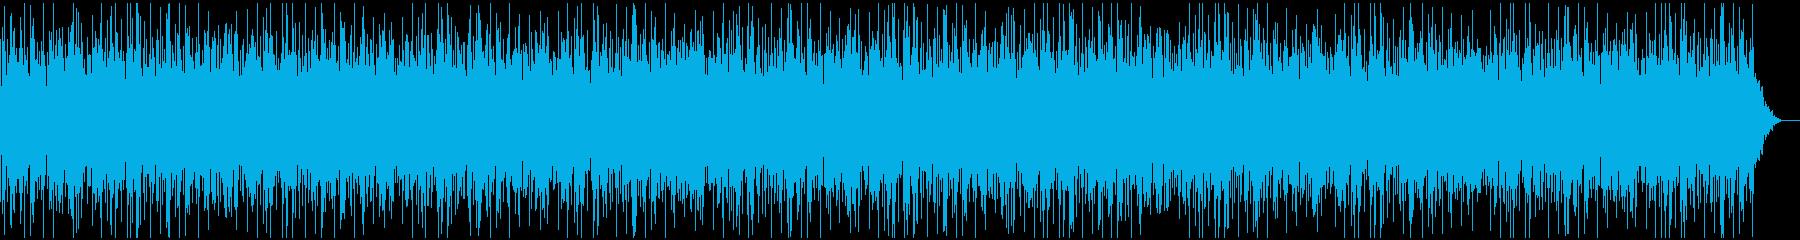 ゆったり包み込まれる高音のオルゴールの曲の再生済みの波形